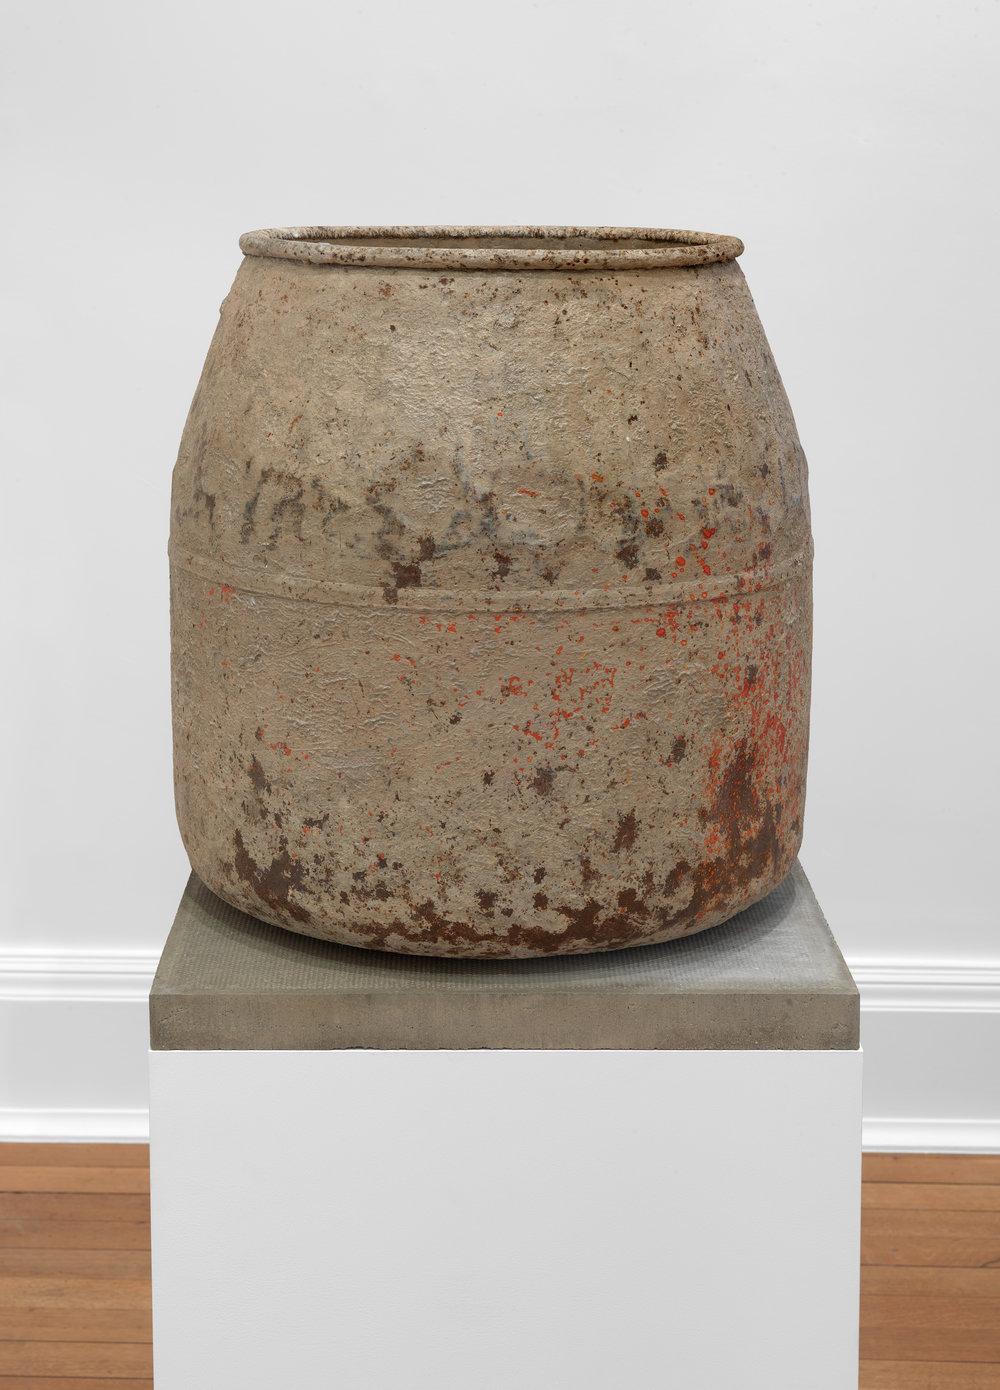 11.  Full Catastrophe (Drum VIII) , Alexandre da Cunha, 2012 - Tate. Image: Todd White Photography. Courtesy of artist Alexandre da Cunha/Thomas Dane Gallery.